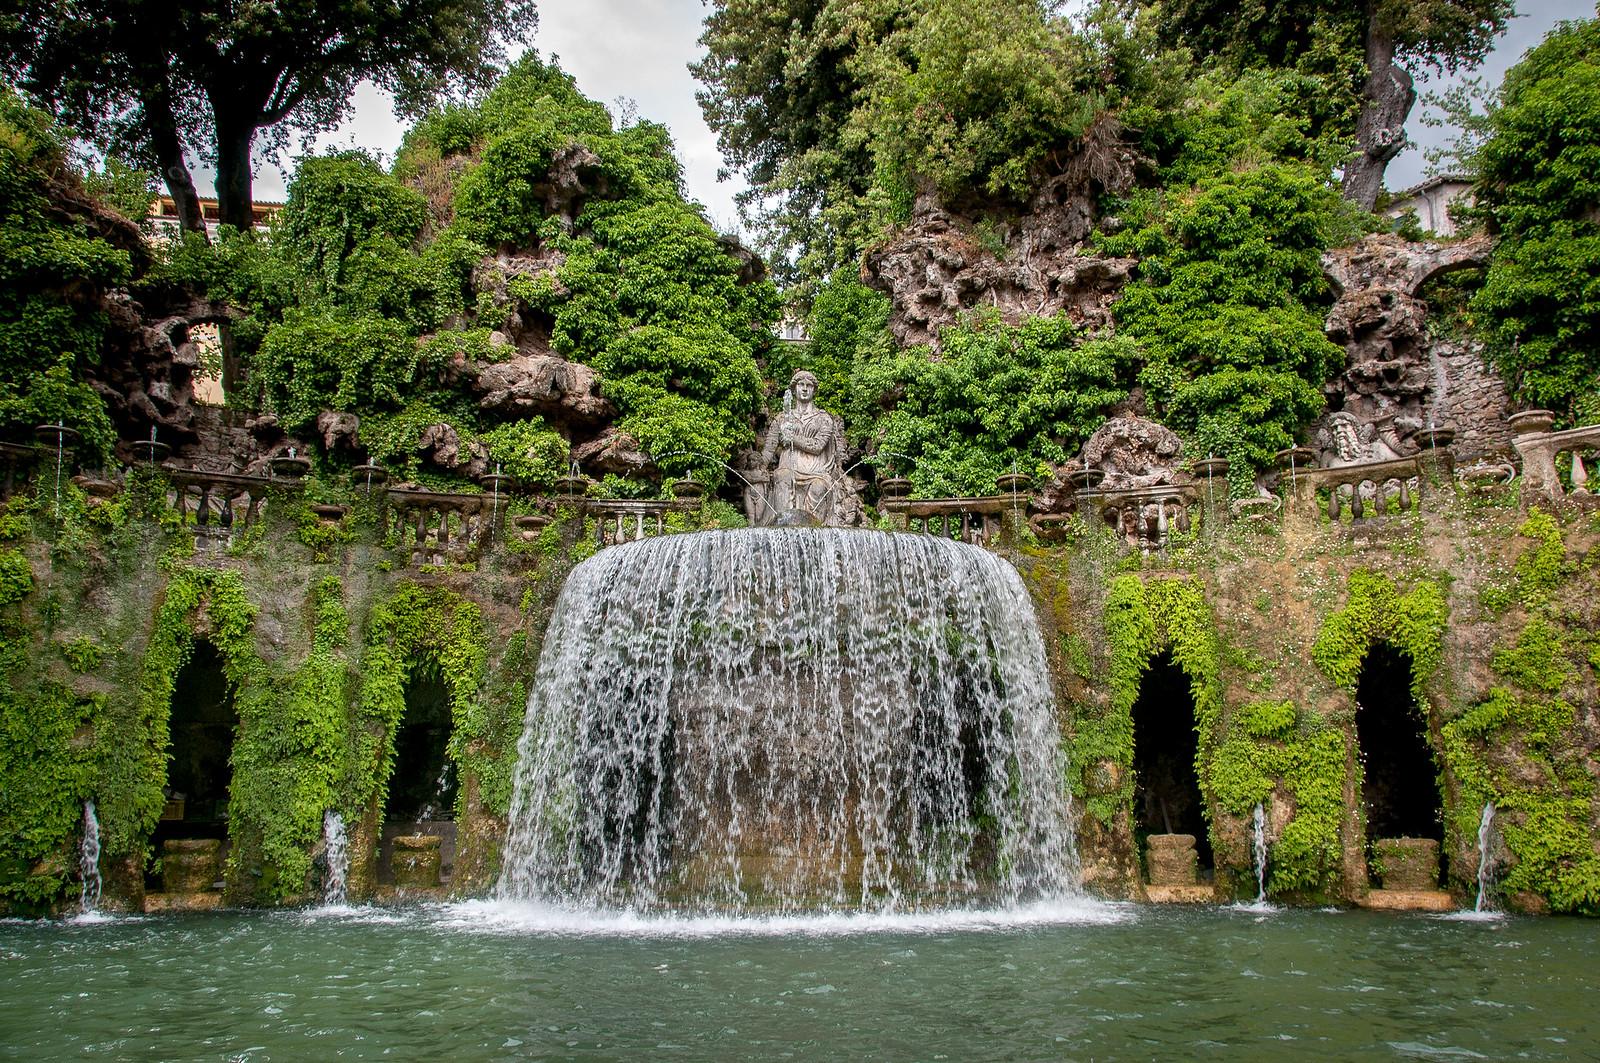 The Oval Fountain in the gardens of the Villa d'Este in Tivoli, Rome